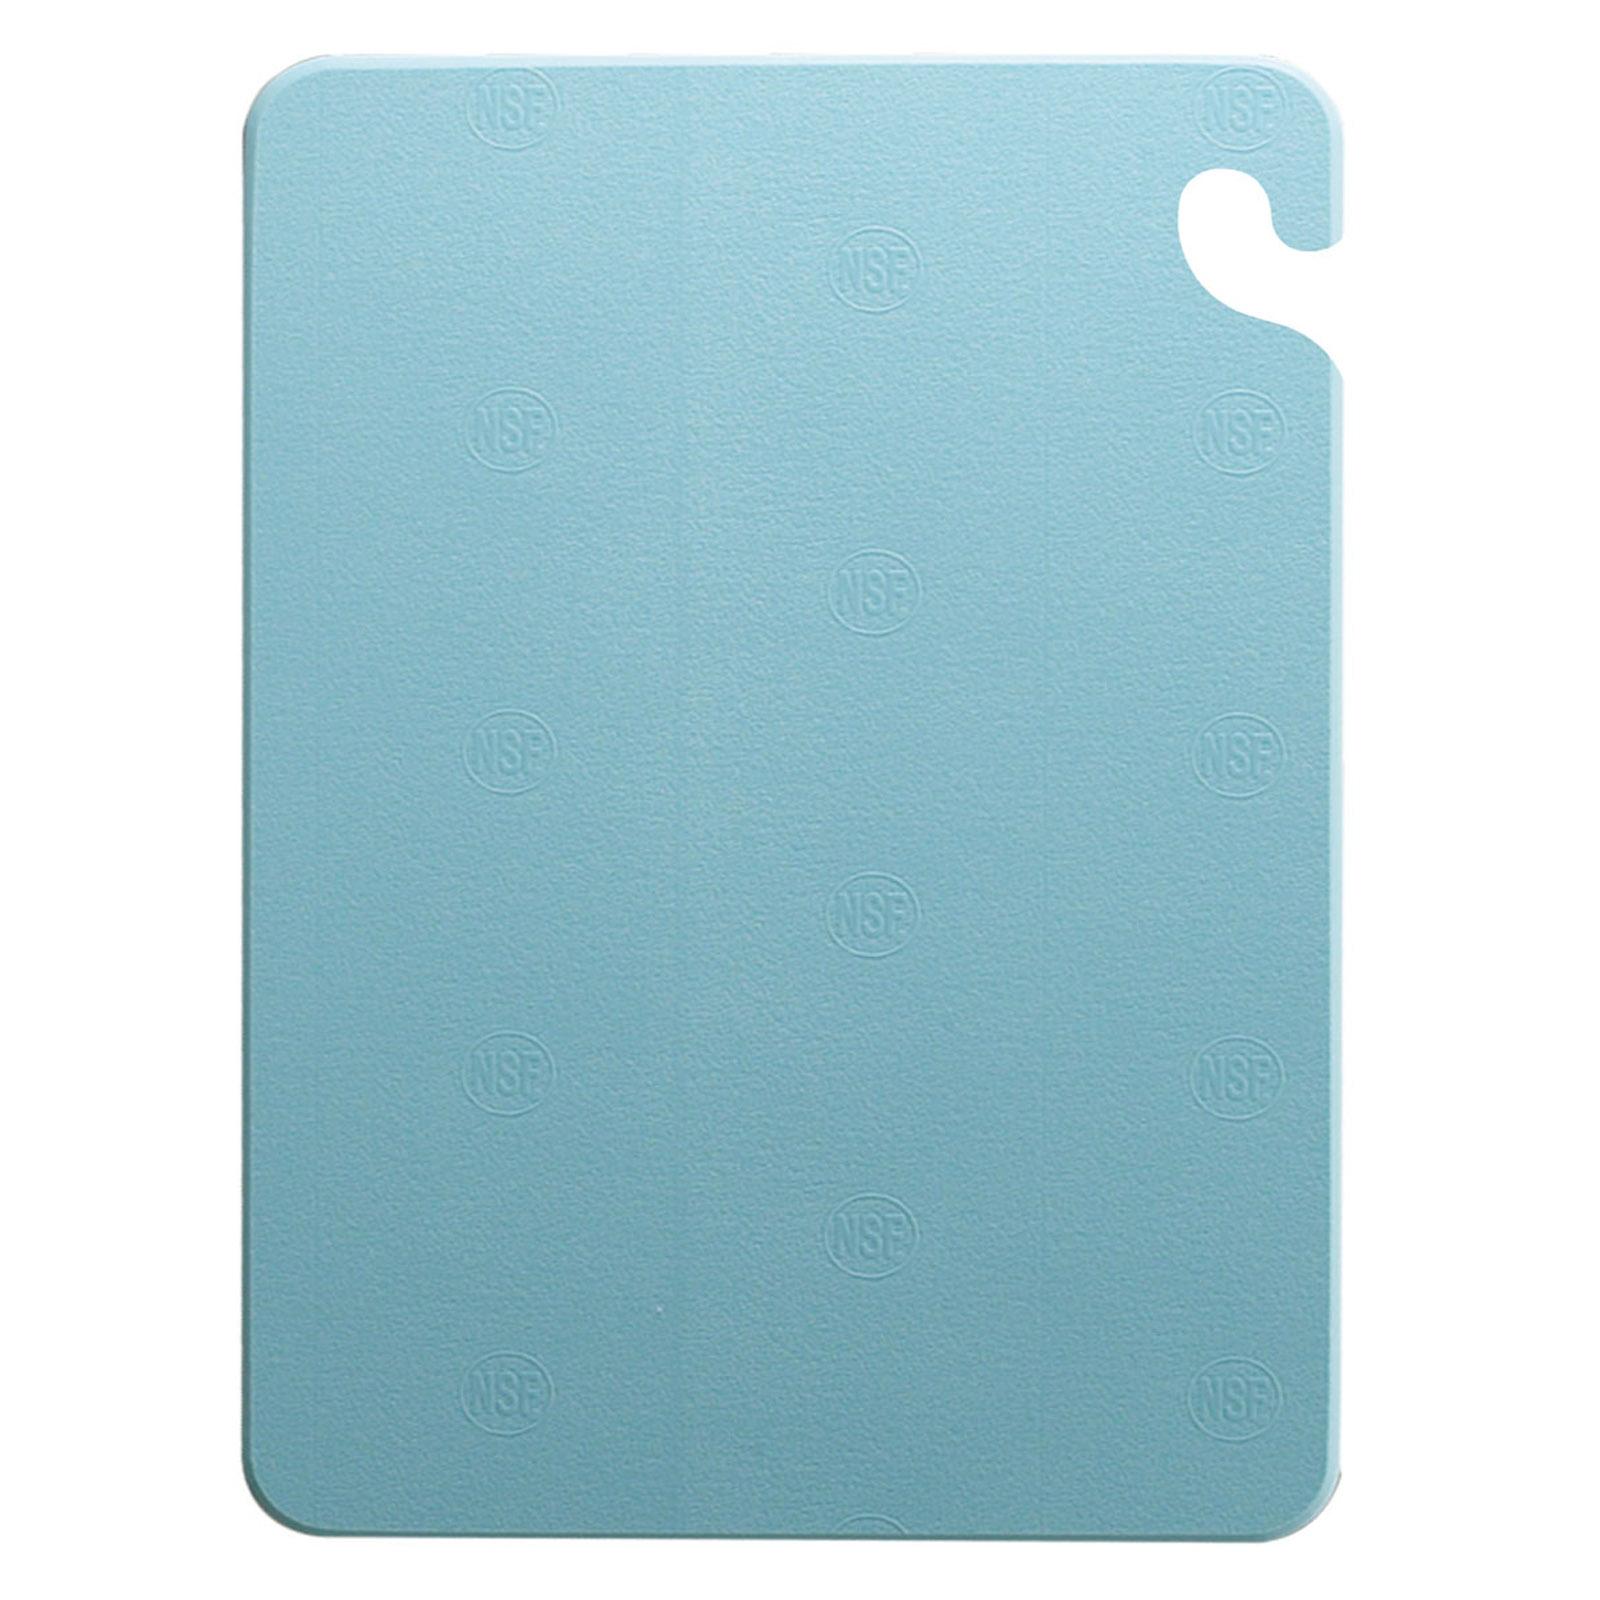 San Jamar CB182412BL cutting board, plastic